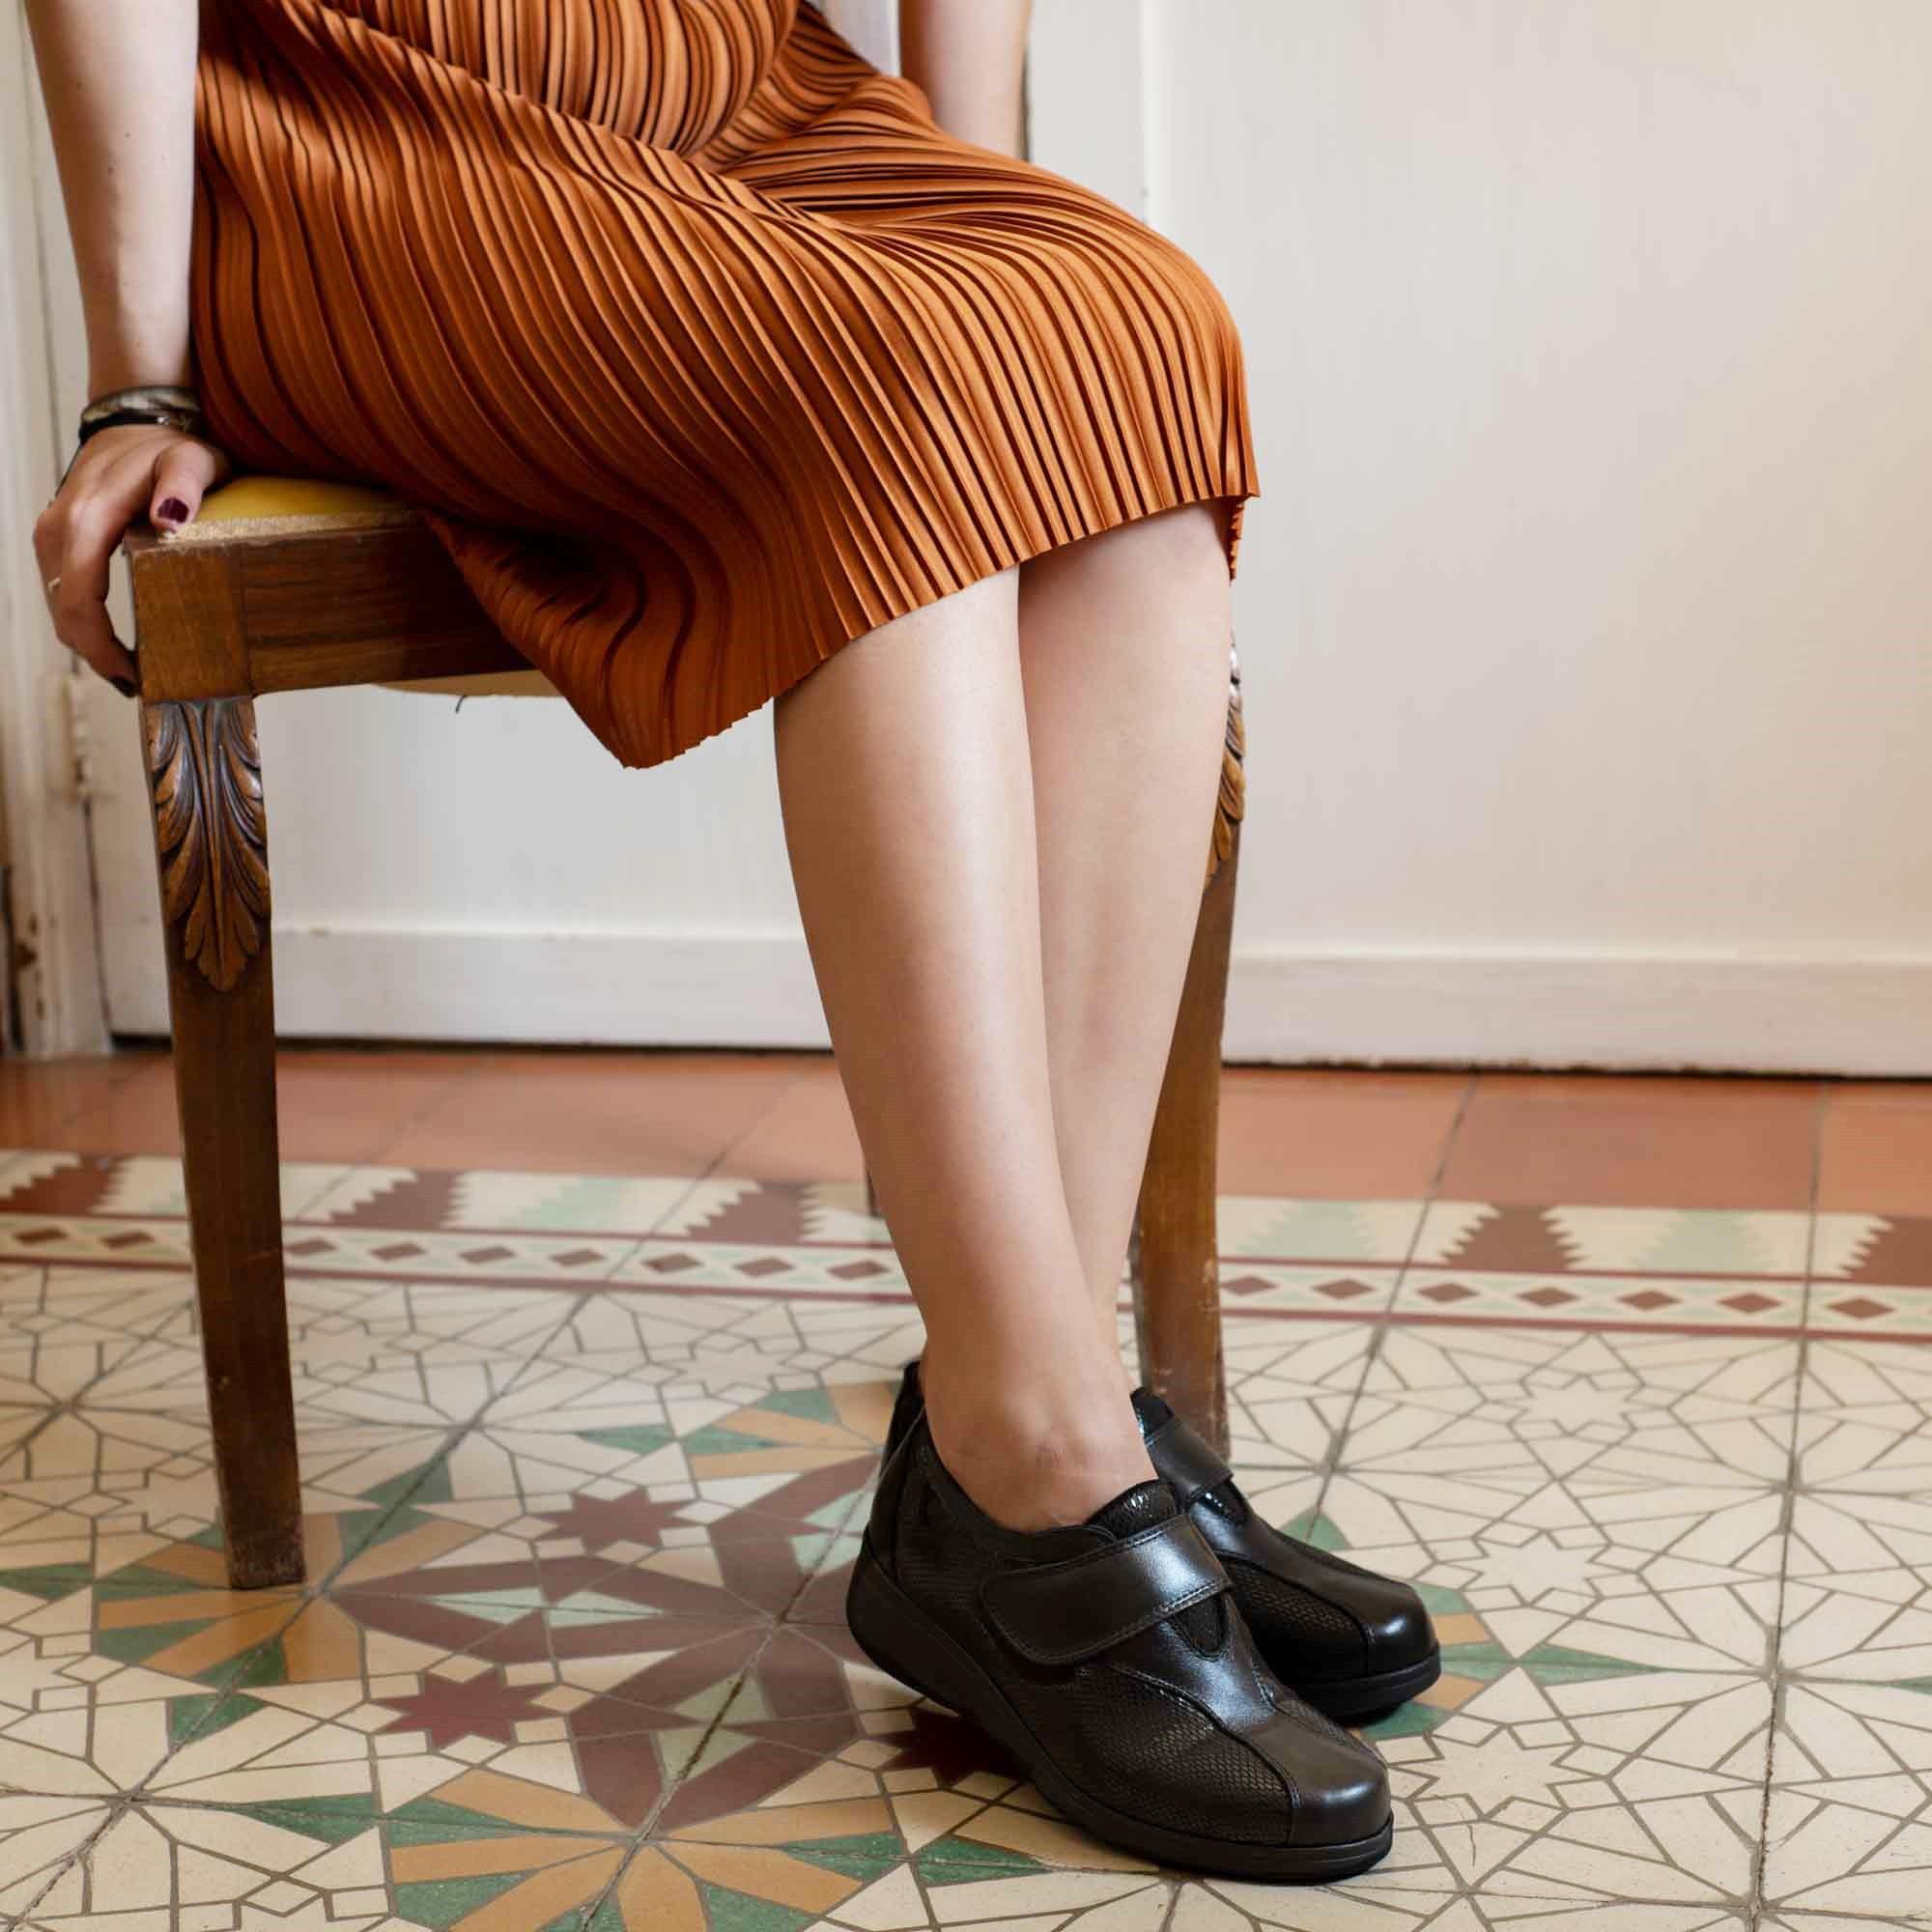 Piernas de mujer con vestido naranja y zapatos negros, con baldosas marrones españoles